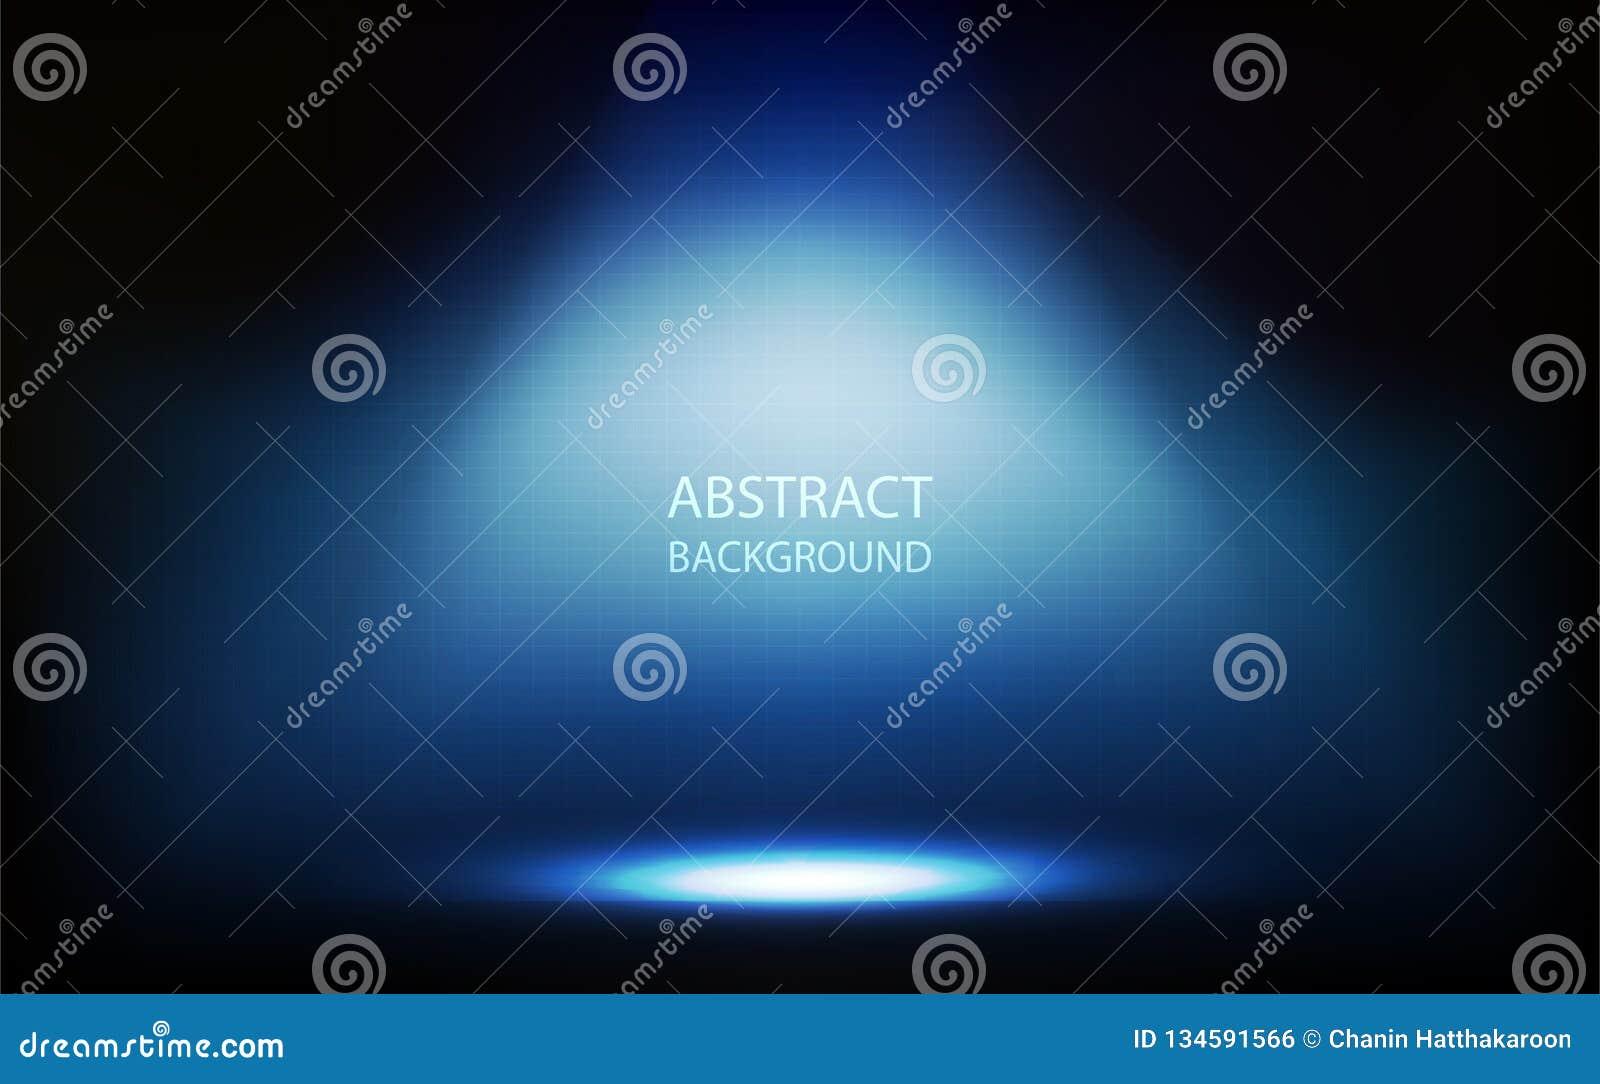 Fundo abstrato, projetor azul na sala, parede da grade com ilustração do vetor da tecnologia digital